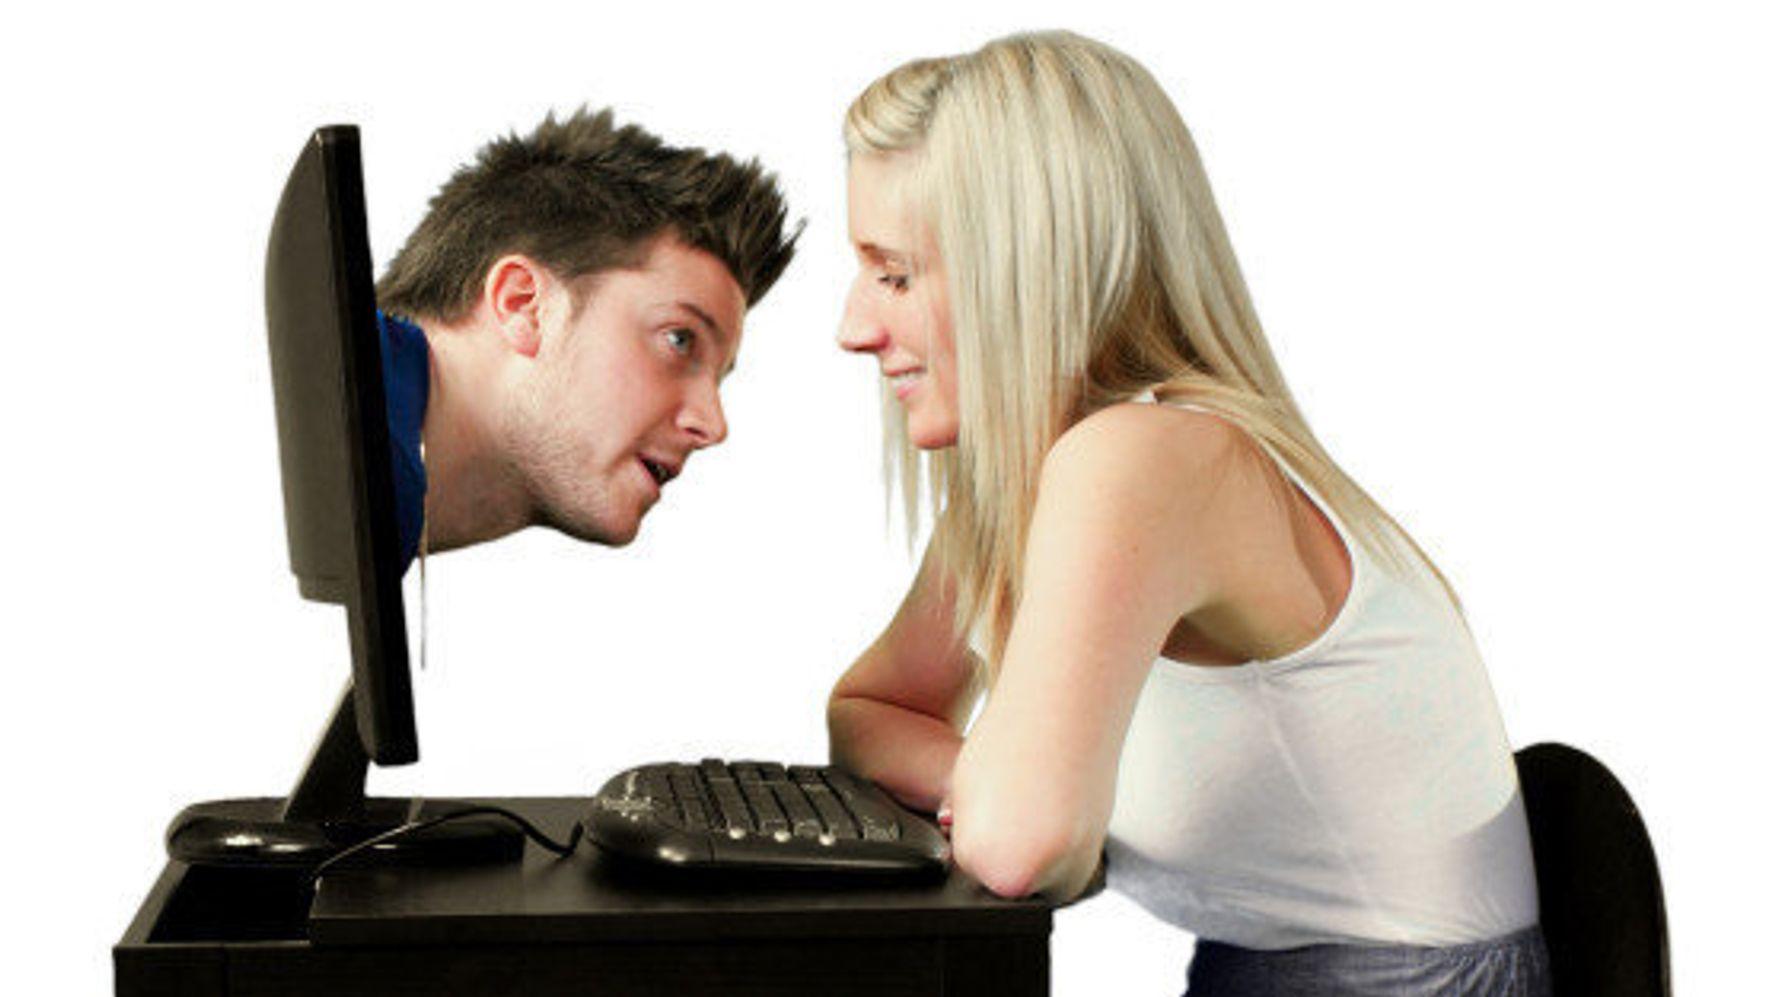 comment rencontrer quelquun sur internet